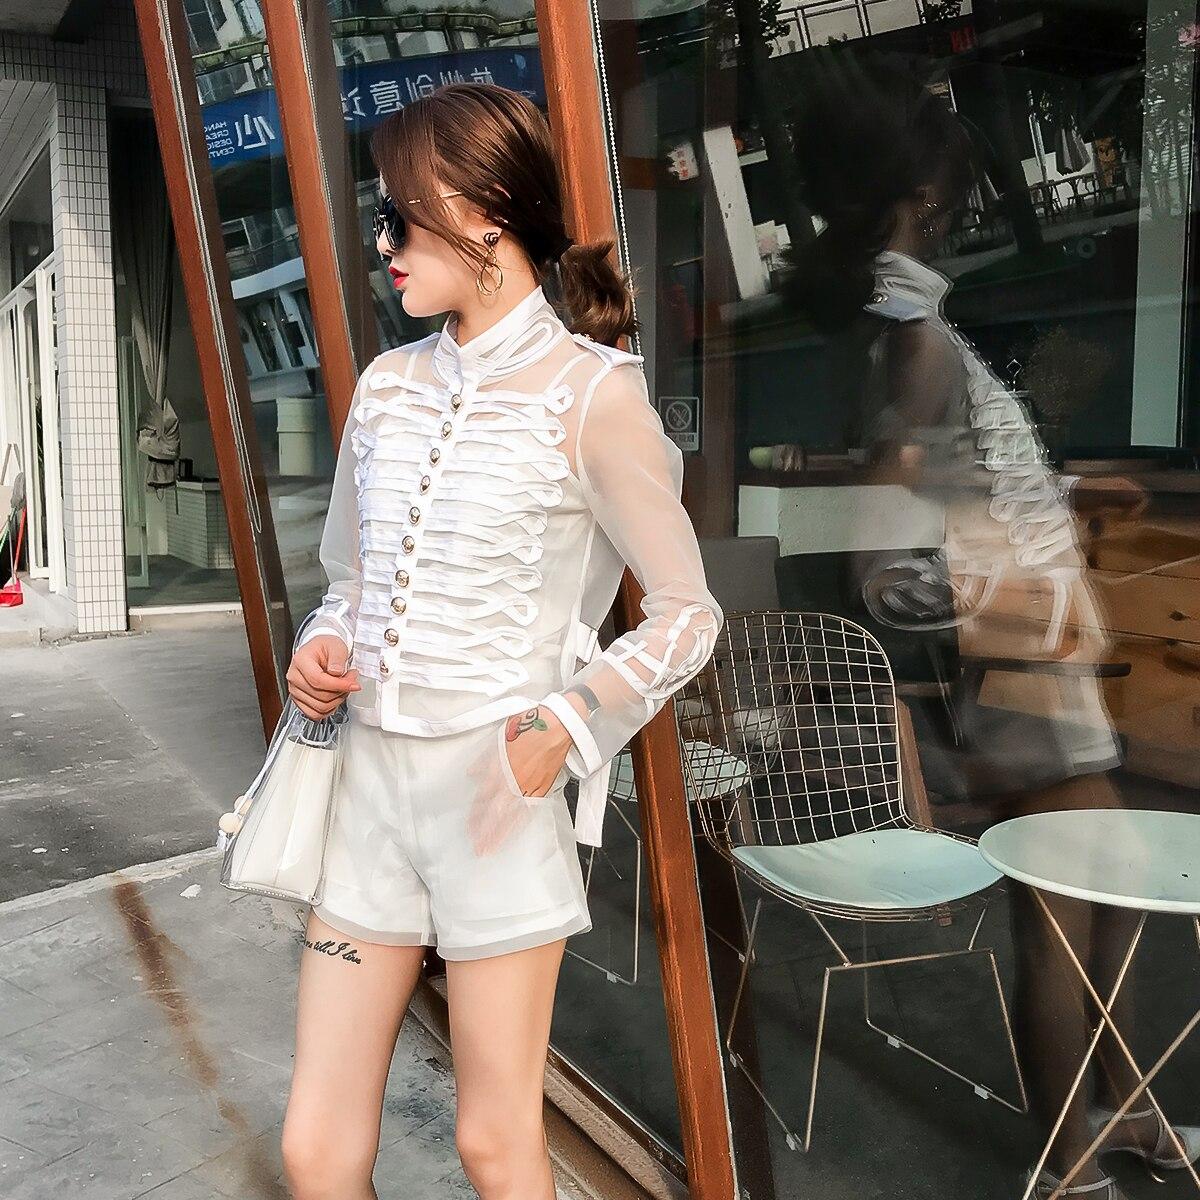 Printemps Bouton Veste De Base Femmes Femelle Transparent blanc Manteau Manteaux Noir D'été Vestes Yuxinfeng Mode Noir Maille Blanc Manches 1F3TlJcuK